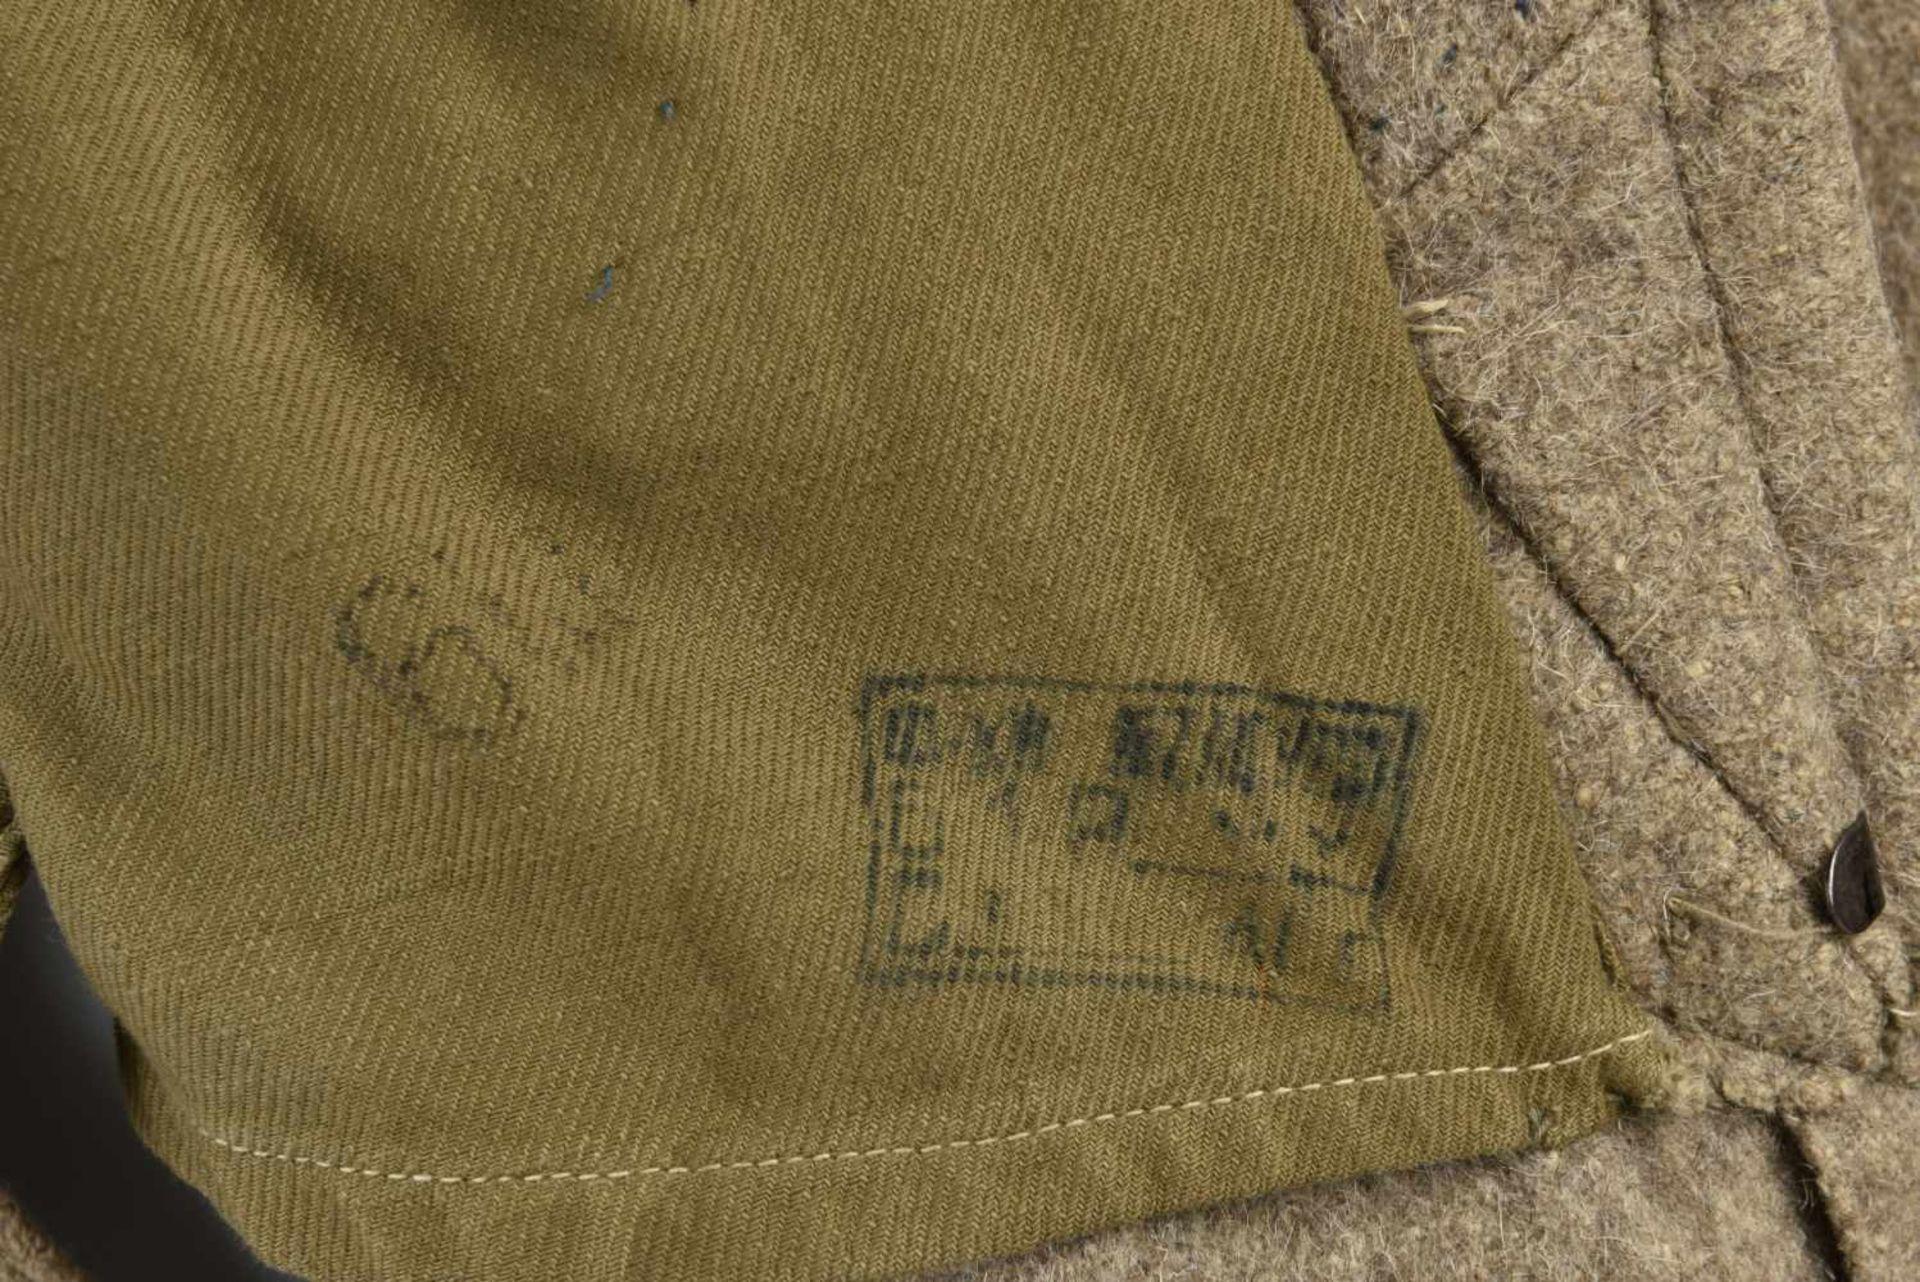 Capote Shinel M.35 avec pattes de col infanterie montée d'origine Bonne taille, pratiquement - Bild 3 aus 4